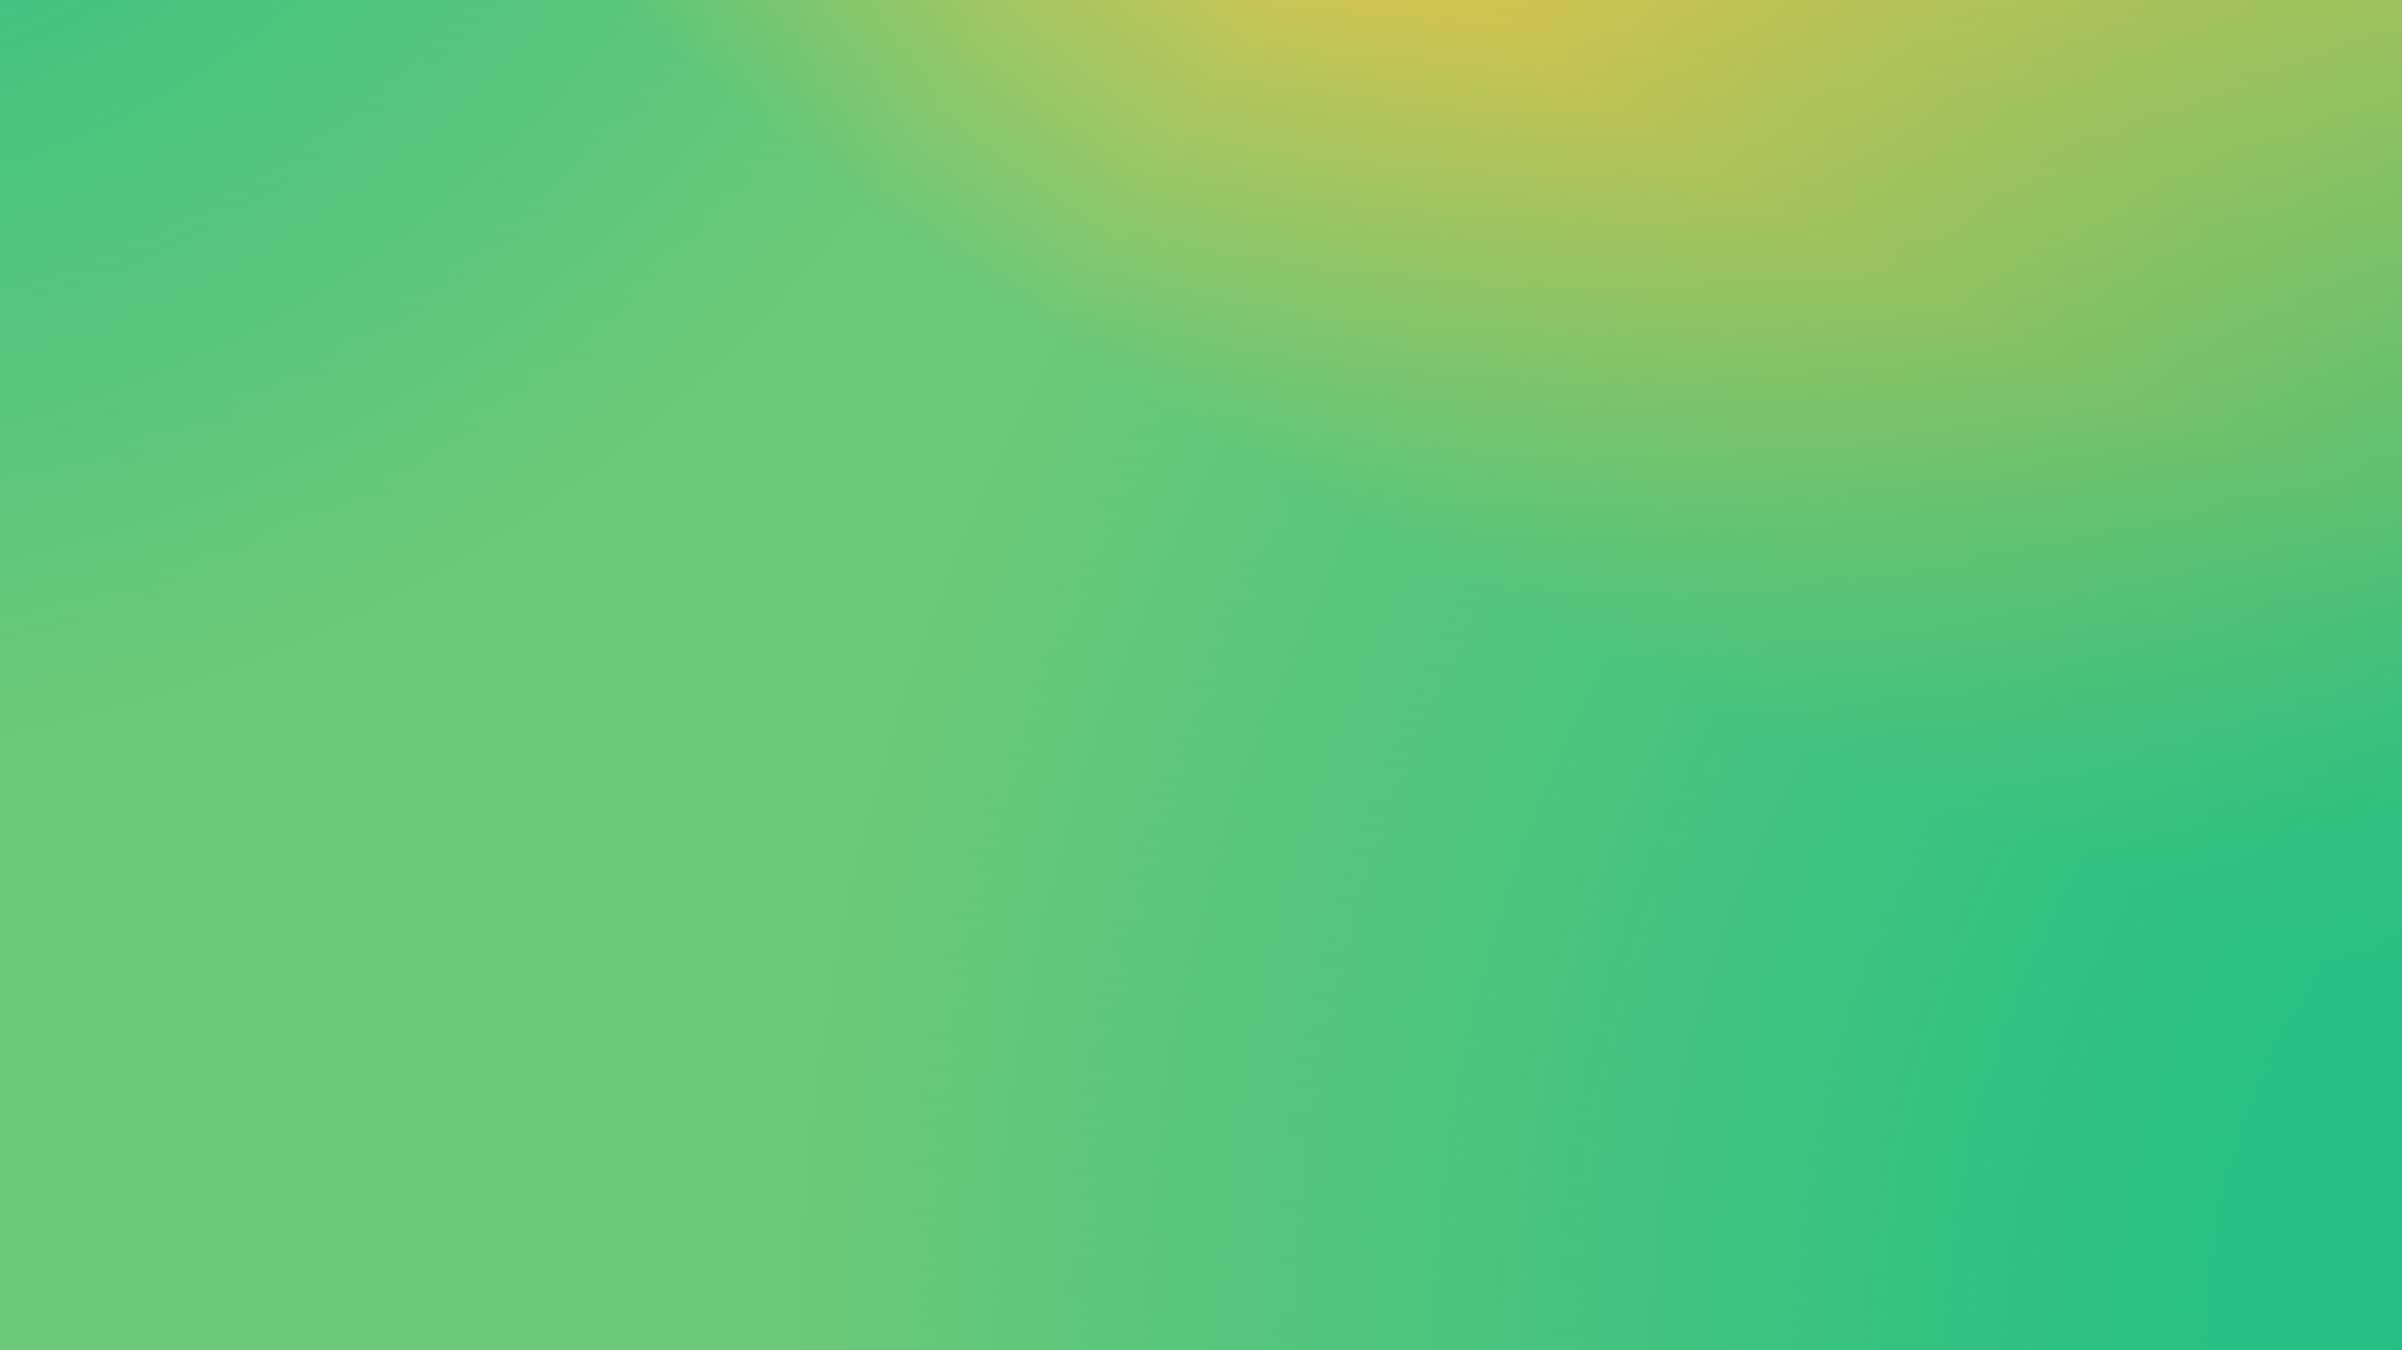 /bg-gradient-blue